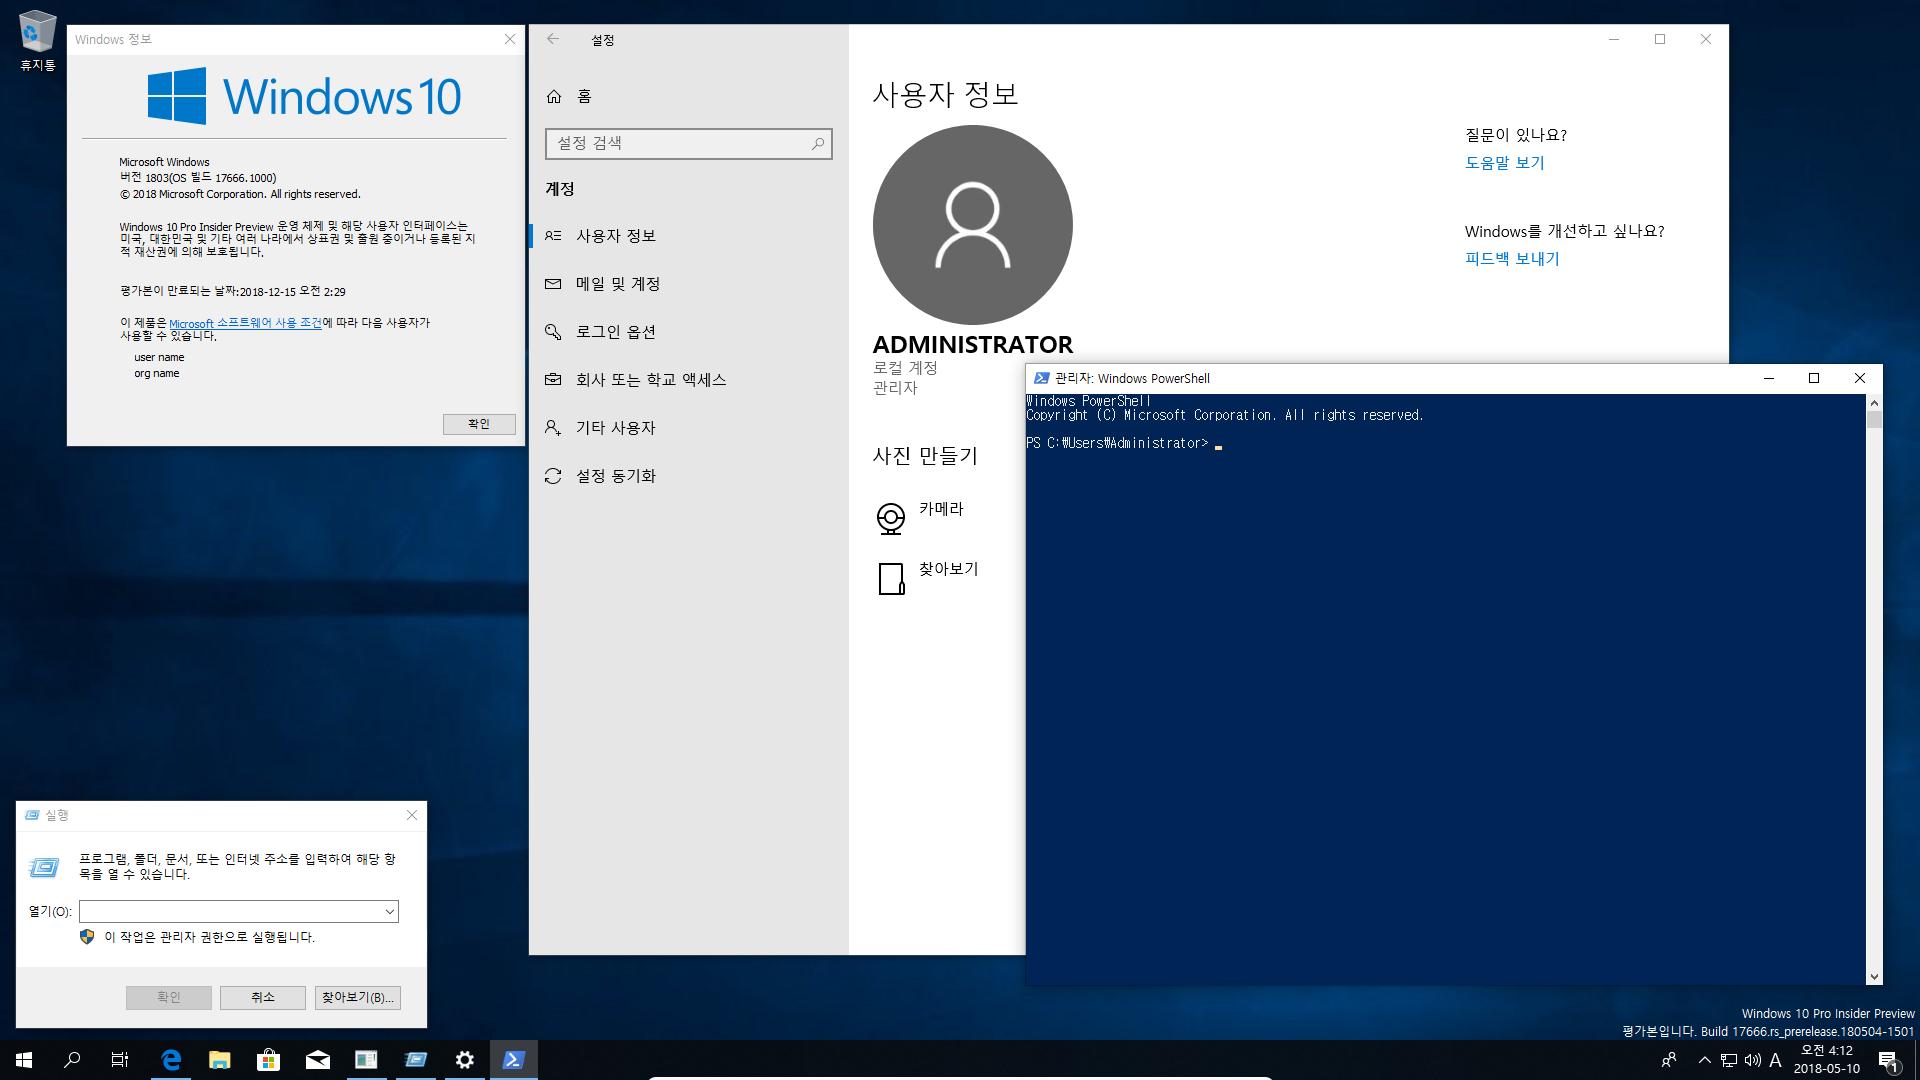 윈도10 레드스톤5 인사이더 프리뷰 17666 빌드 나왔네요 - 항상 관리자계정으로 설치 테스트 2018-05-10_041210.png